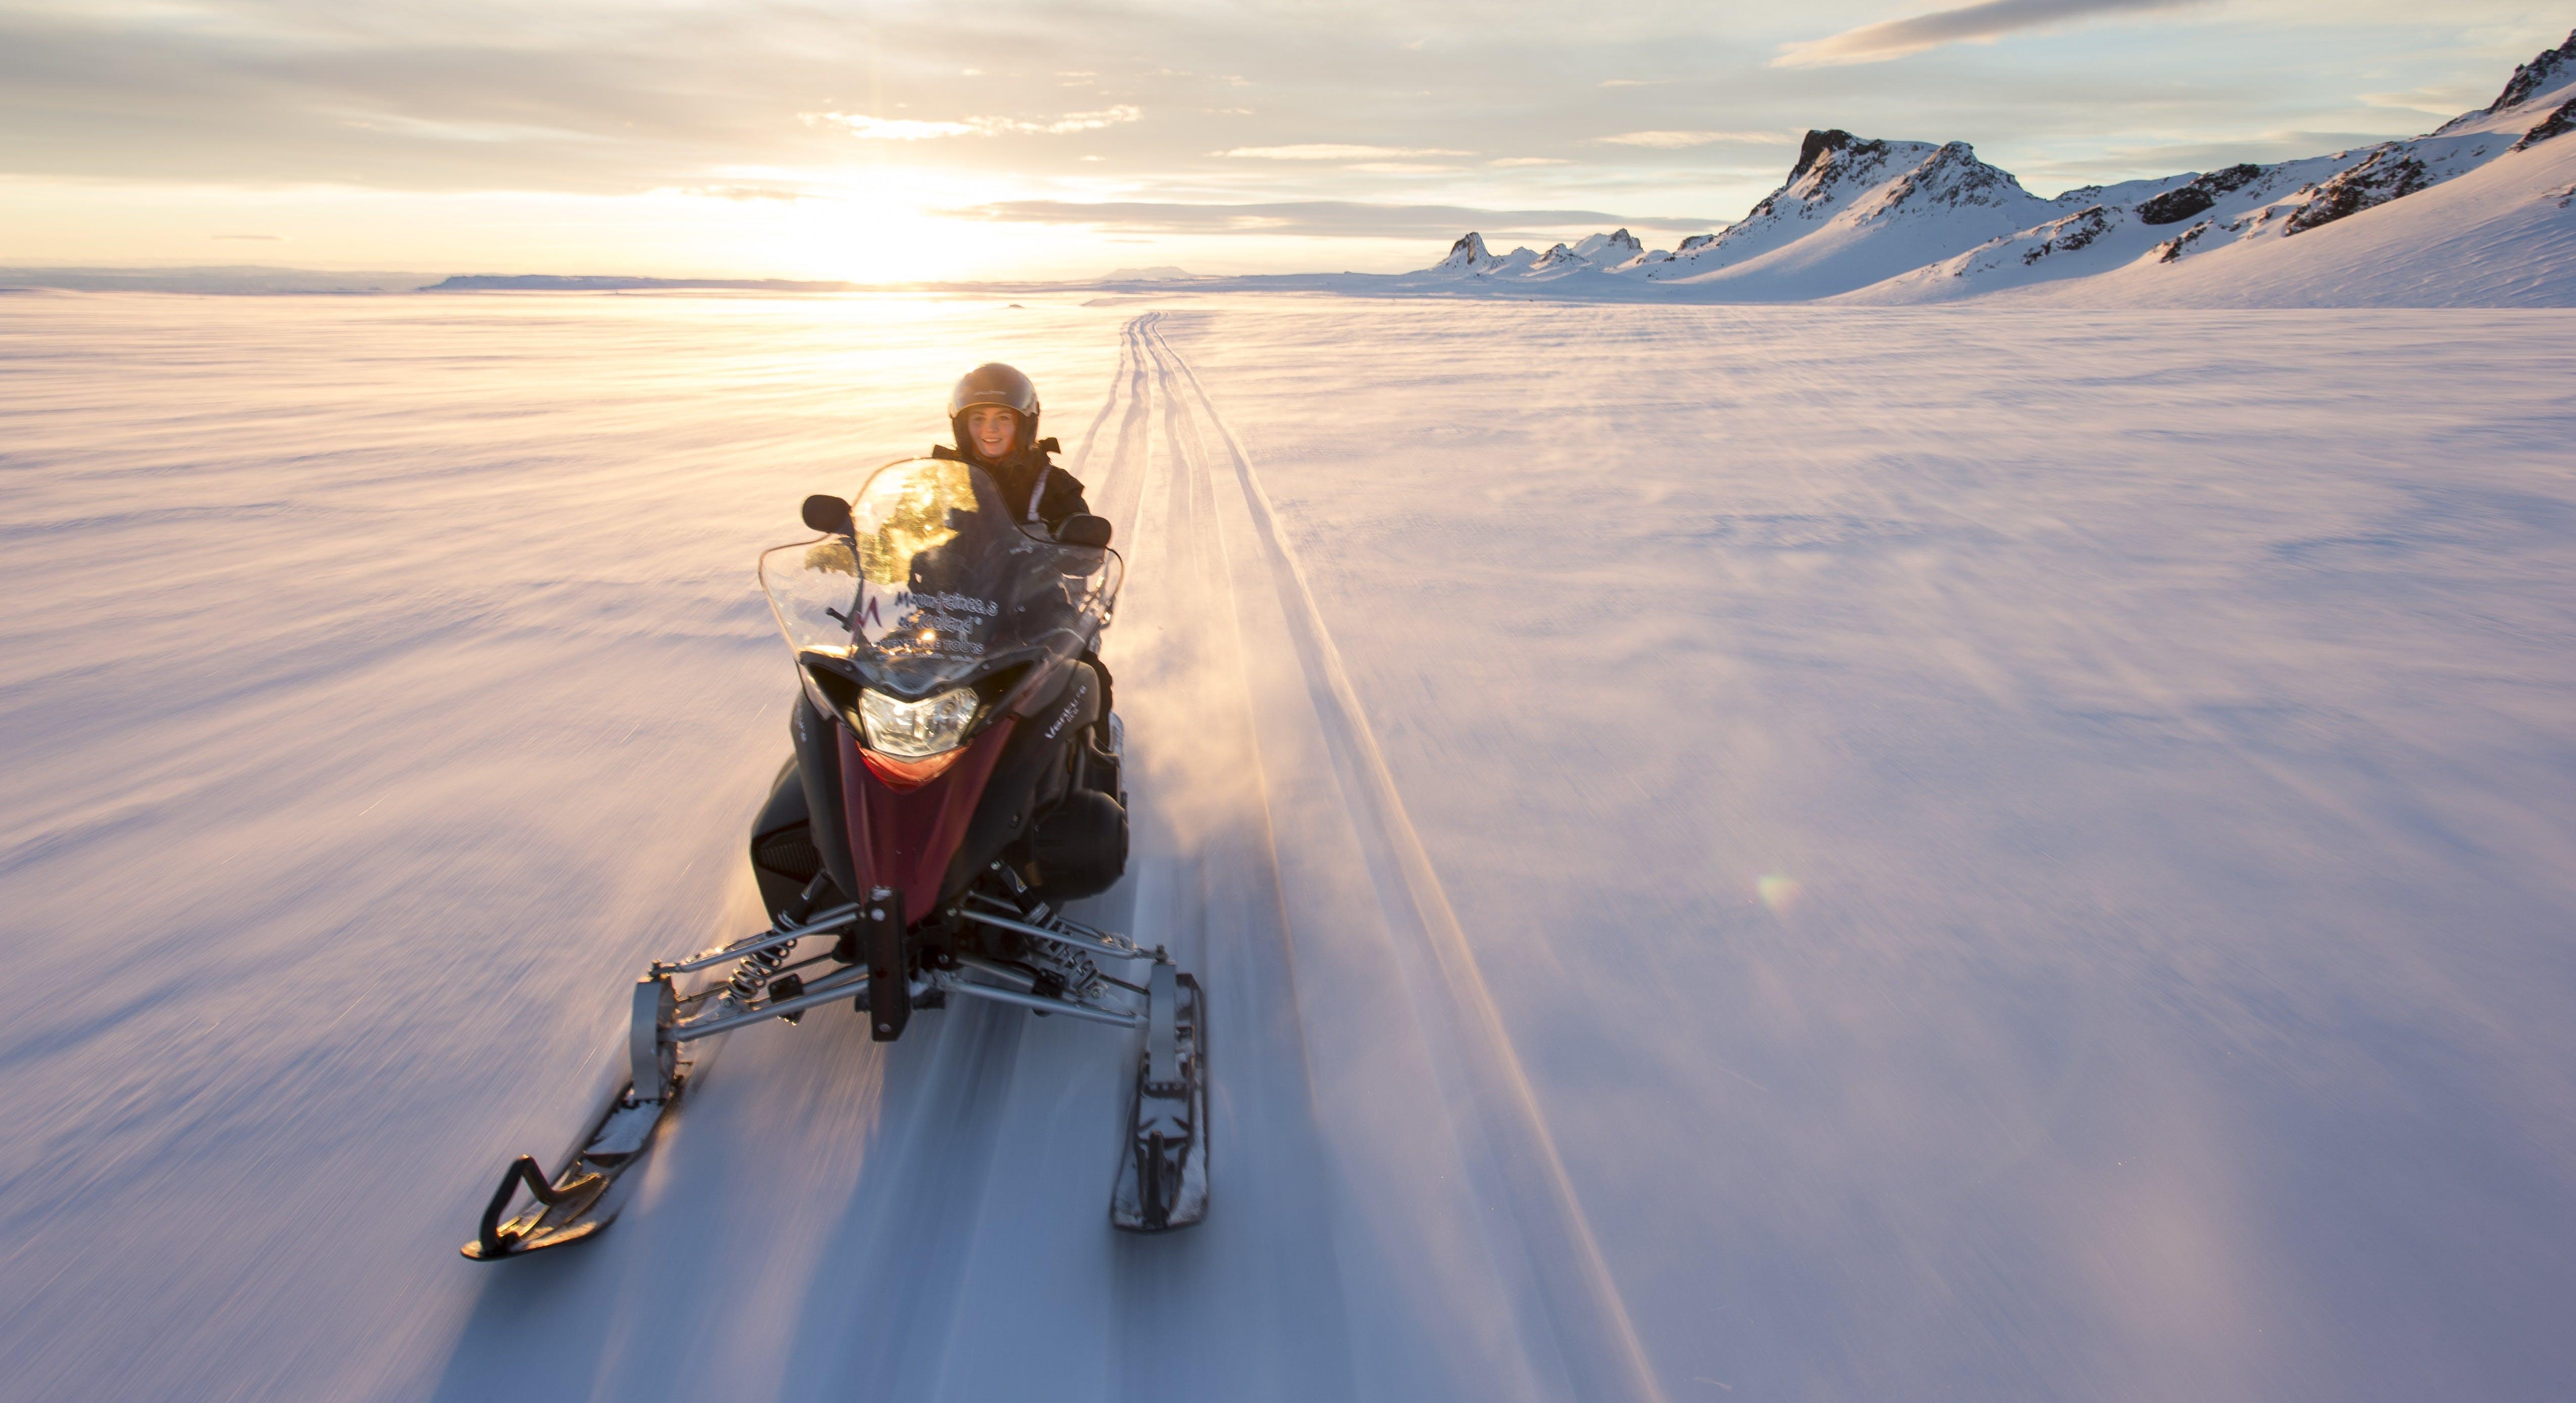 雪地摩托是冰岛最受欢迎的旅行项目之一。